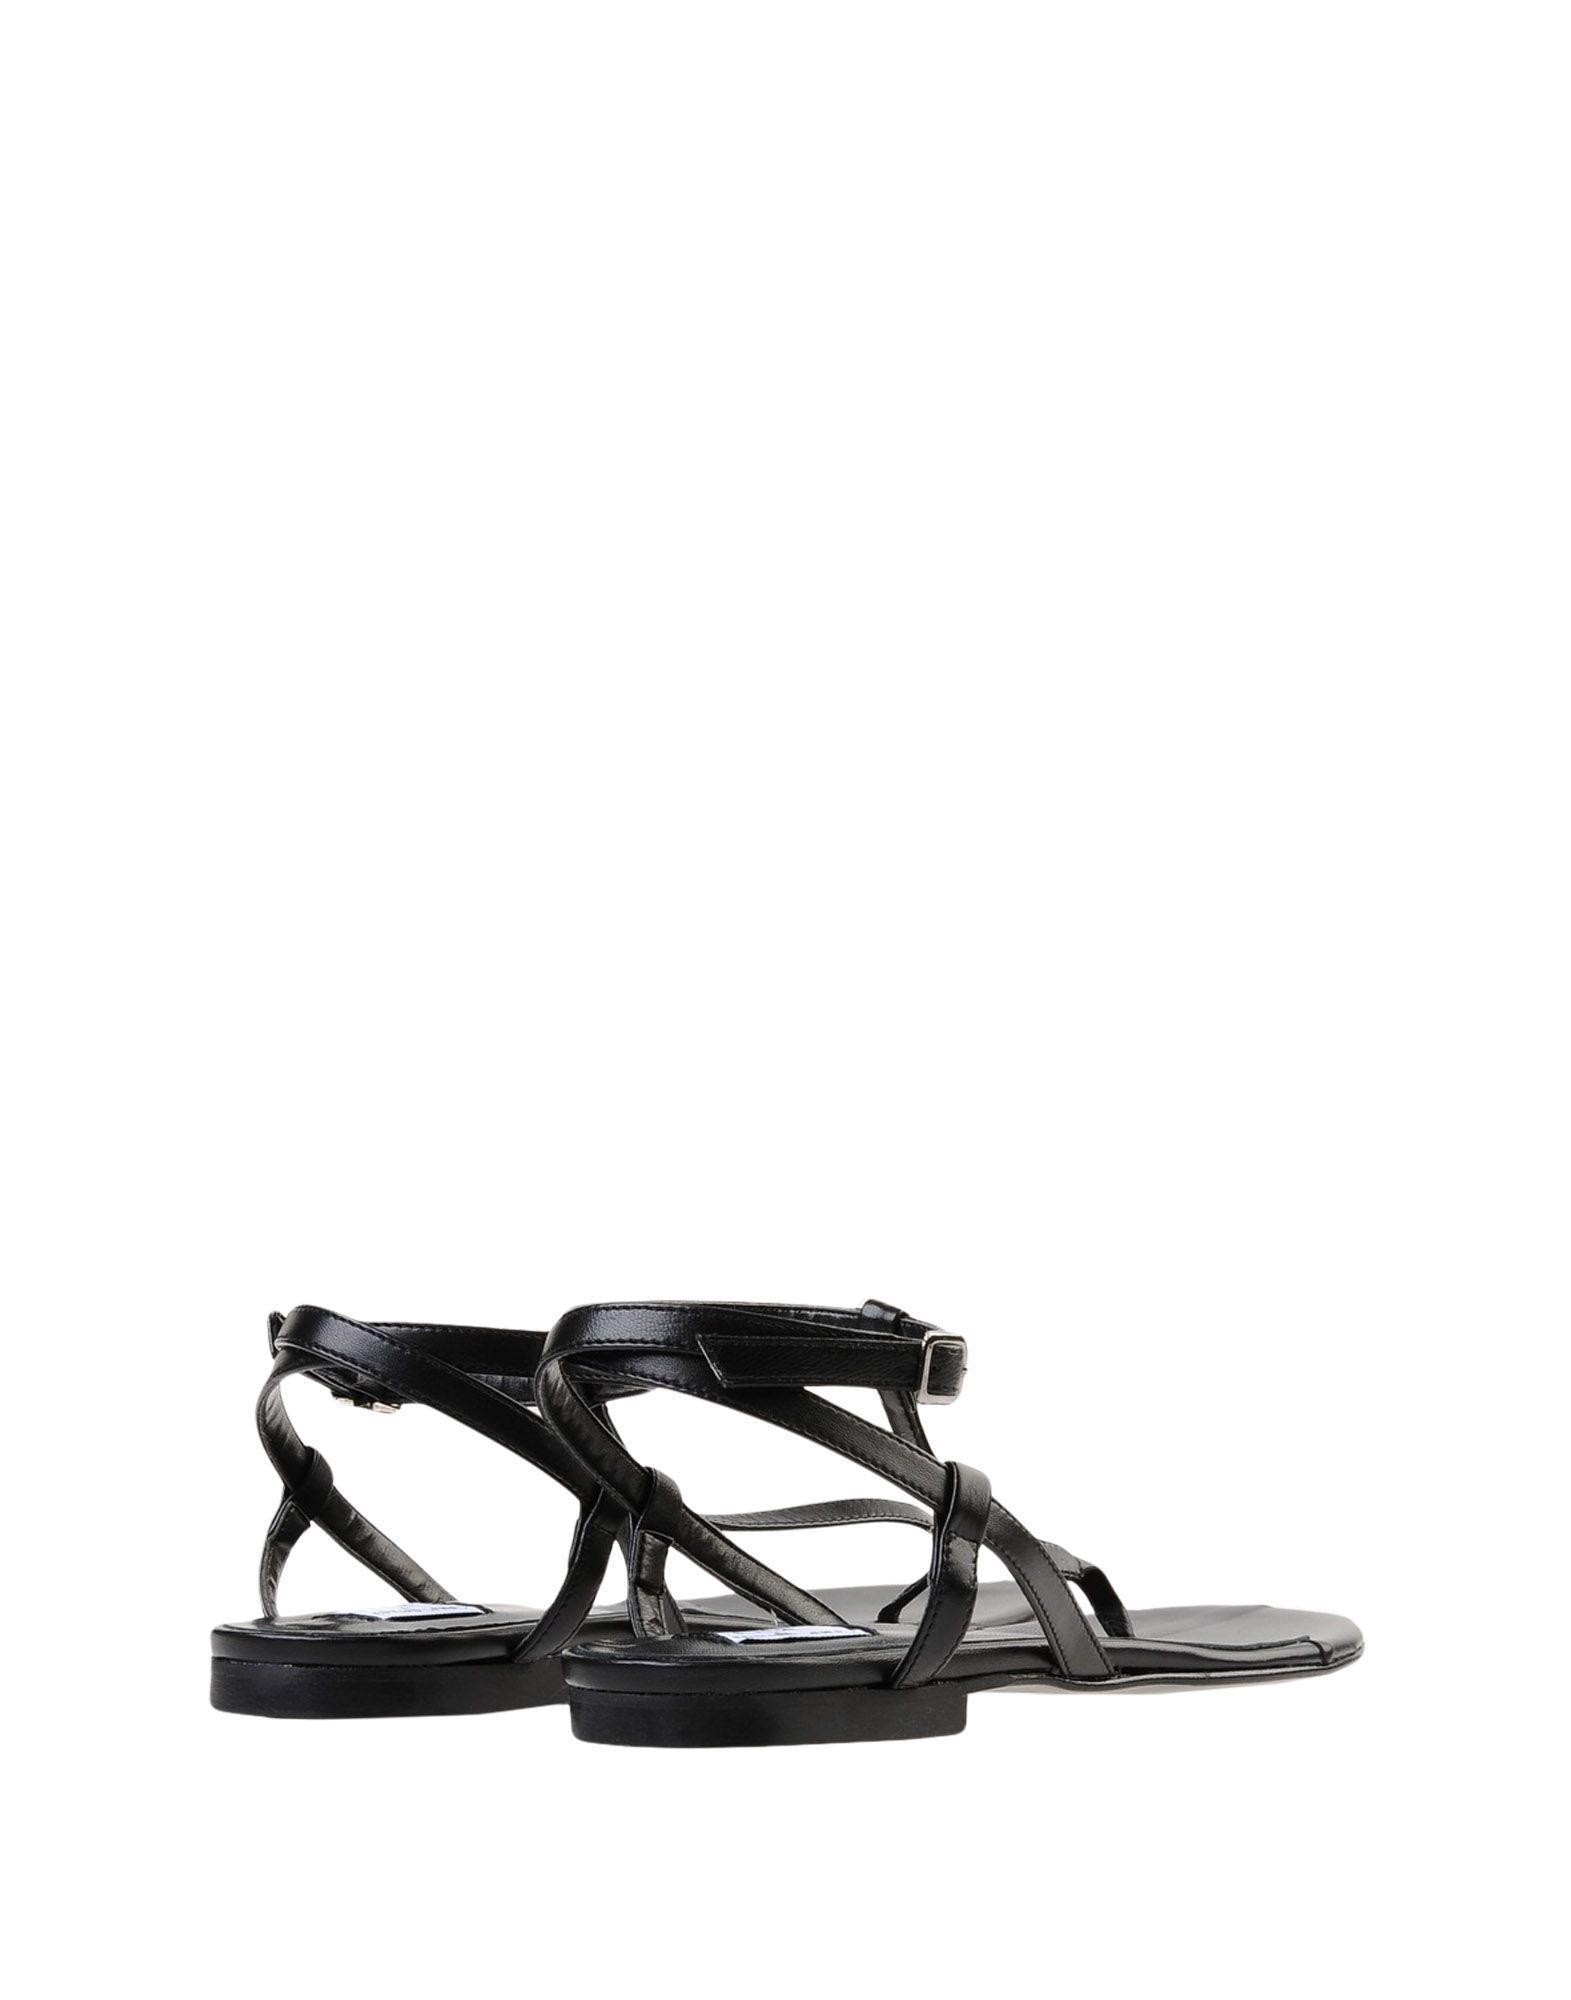 FOOTWEAR - Toe post sandals Jolie By Edward Spiers hkpgZ0